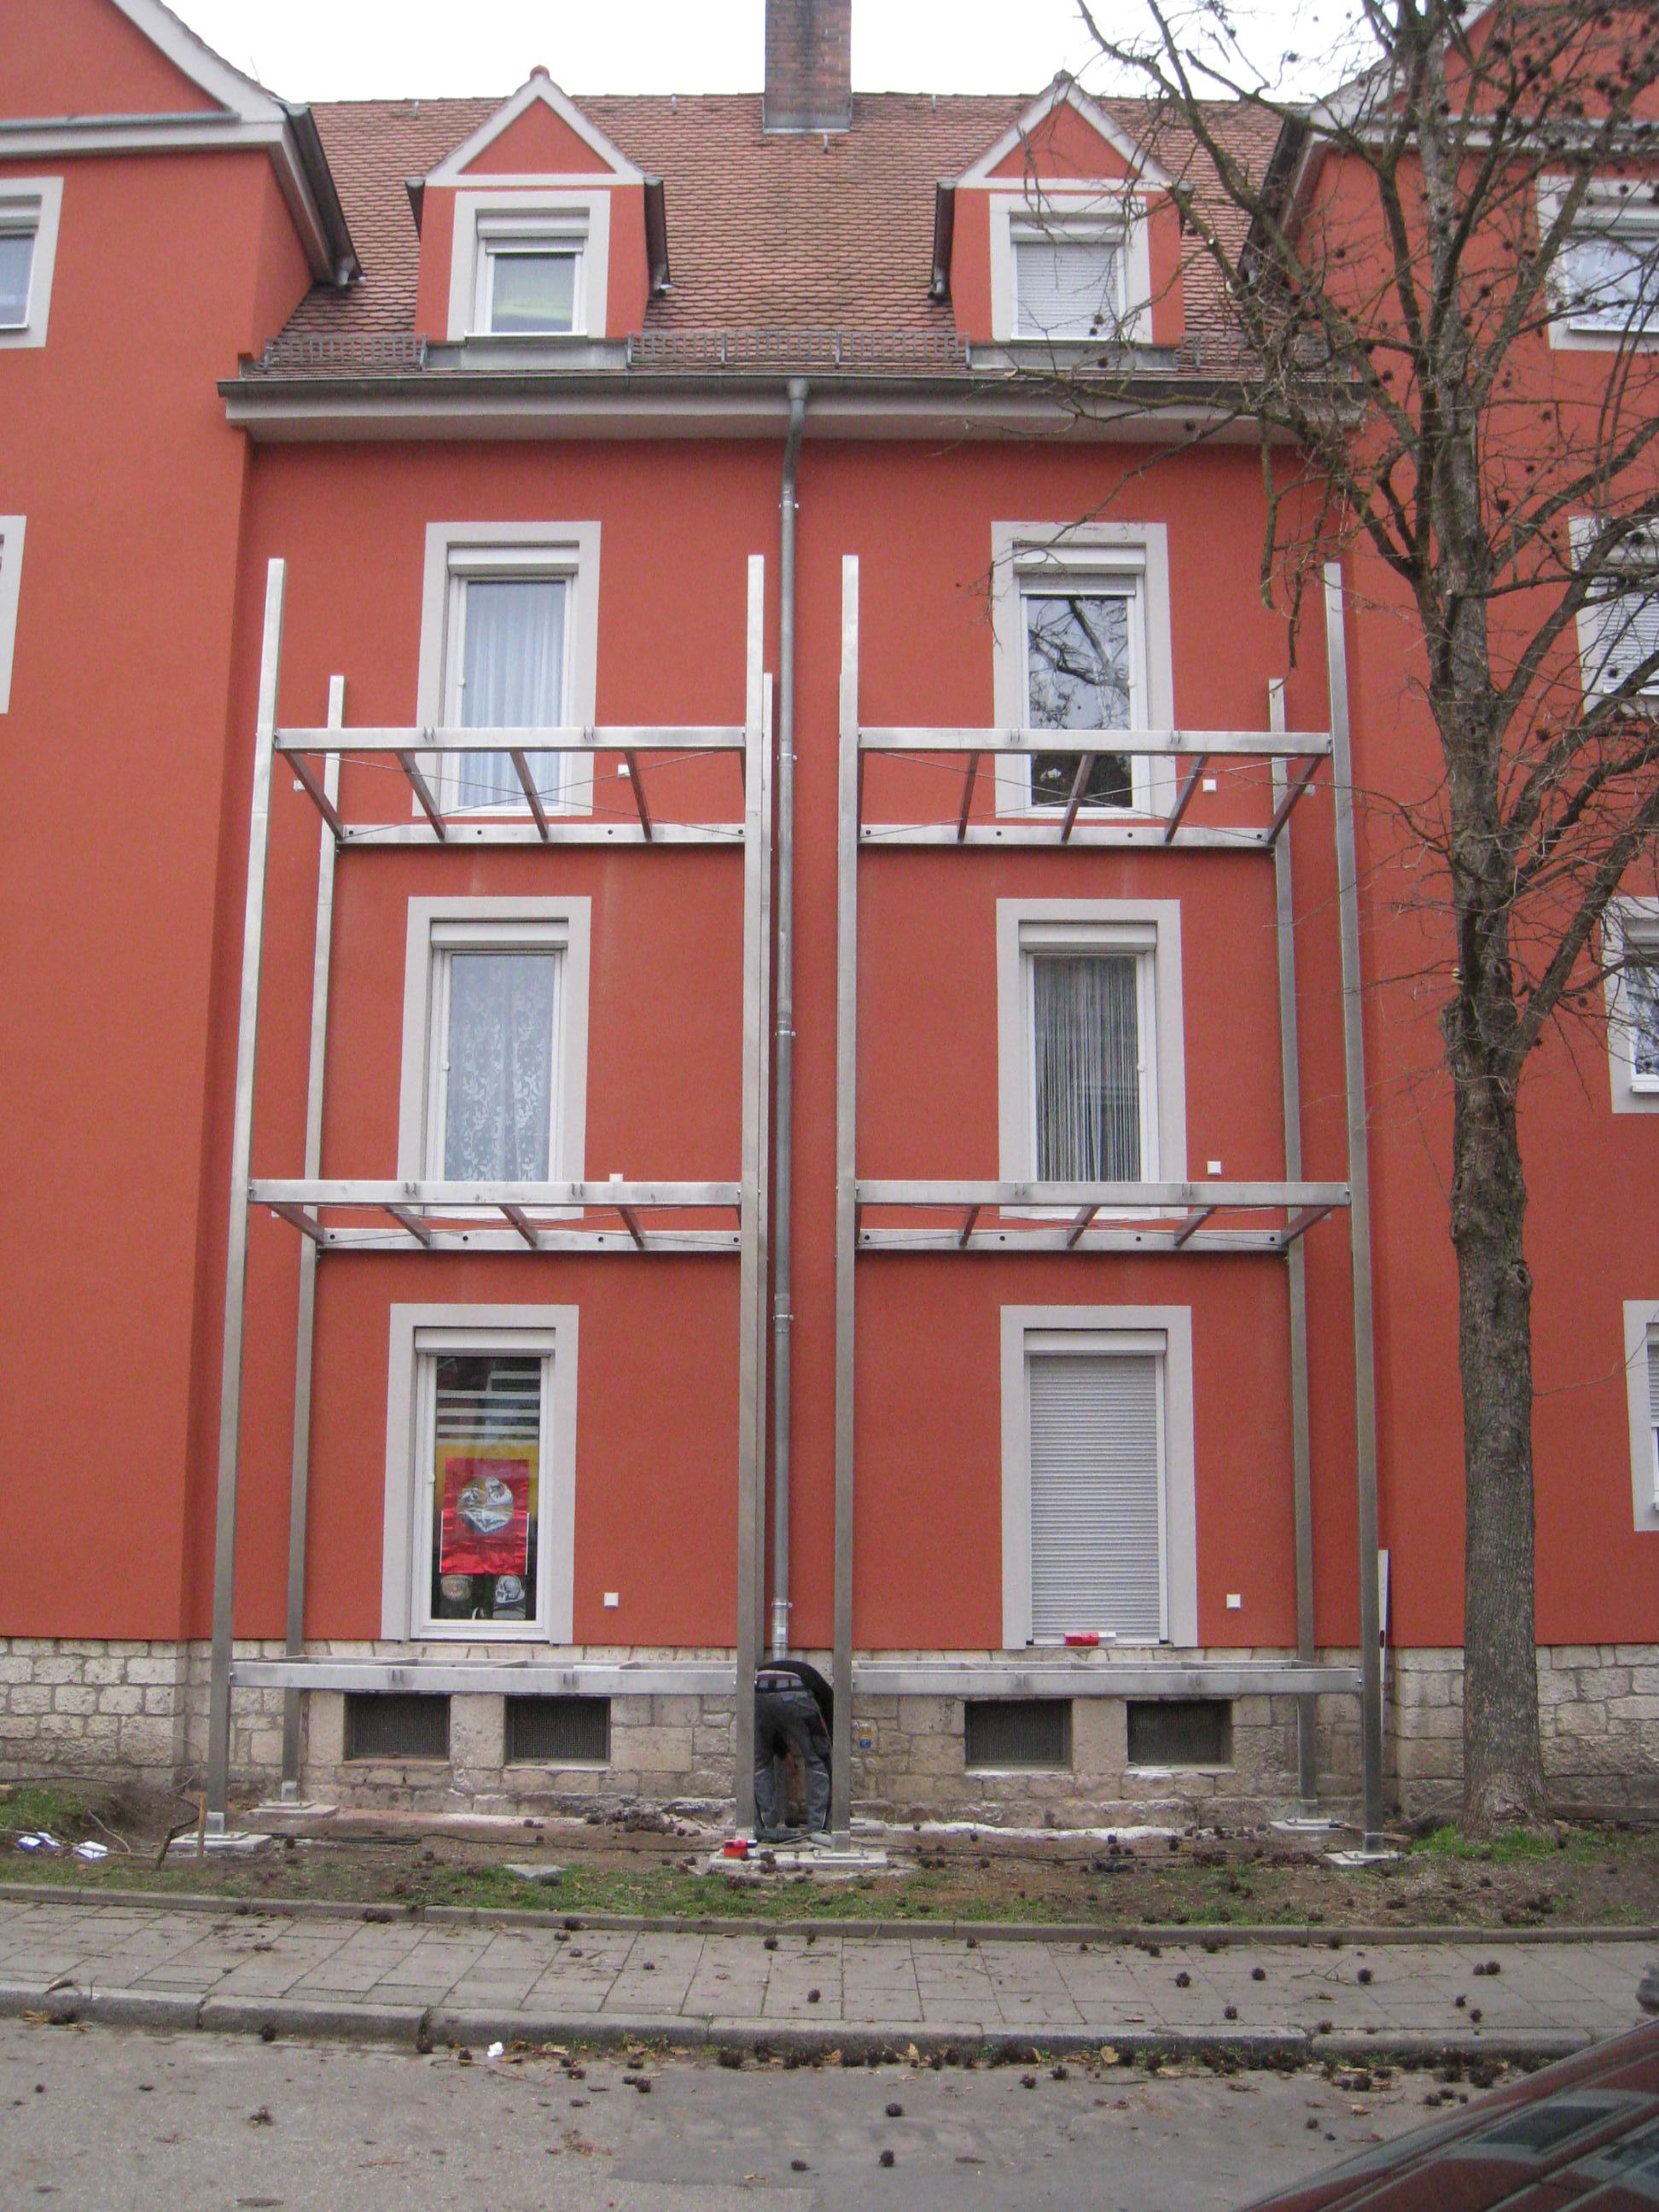 Montage von 3-stöckigen Balkontürmen in Regensburg (frontale Ansicht)